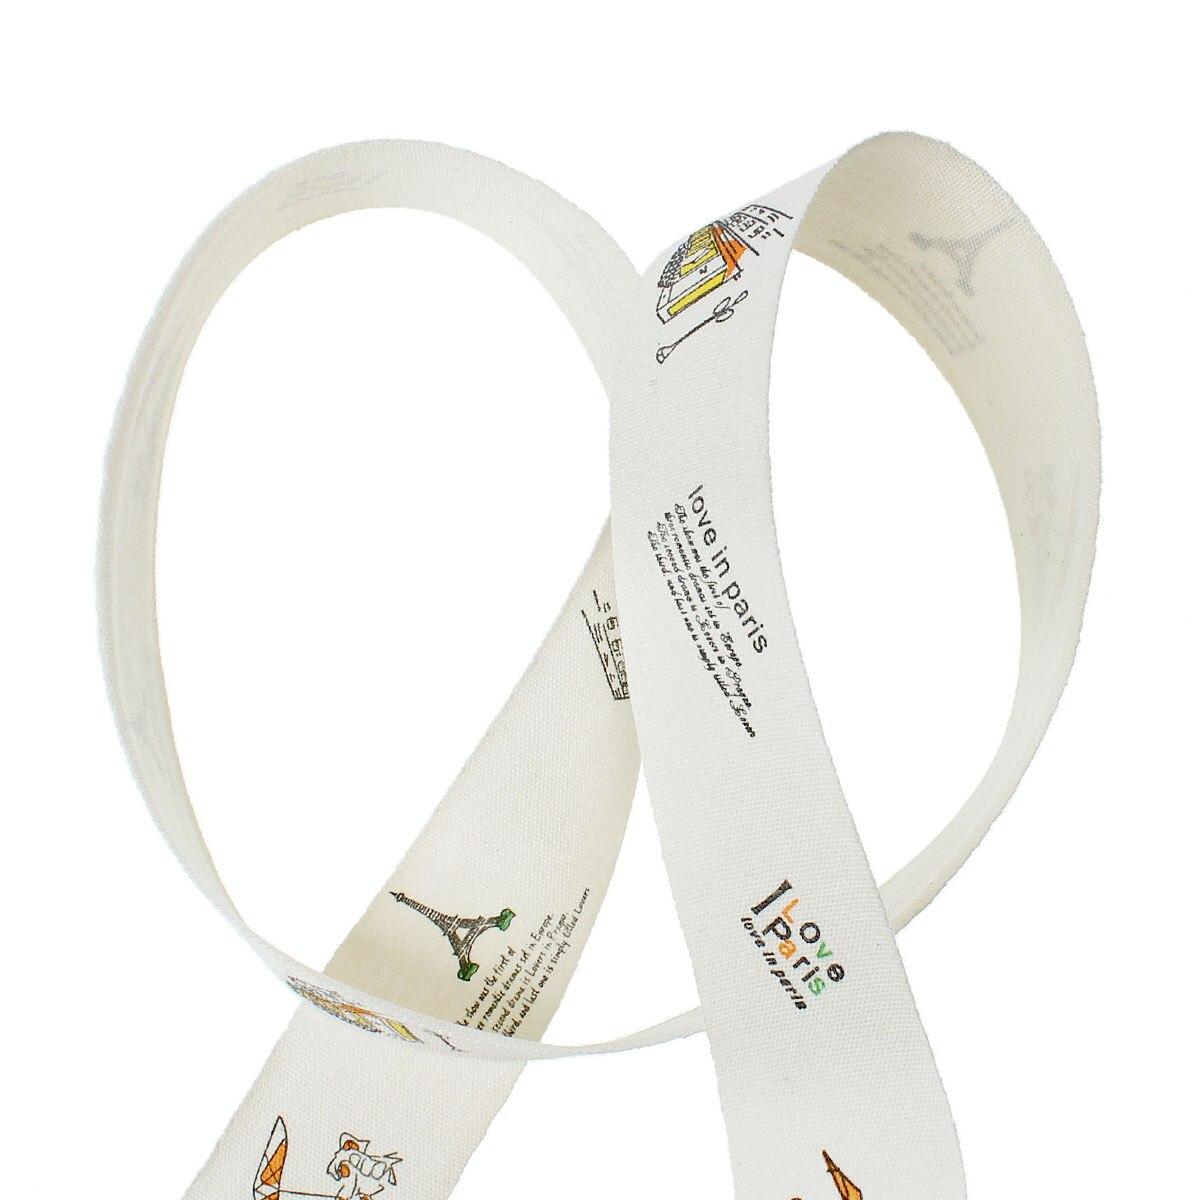 ②Doreenbeads algodón Telas Costura cinta de etiquetas artesanal DIY ...